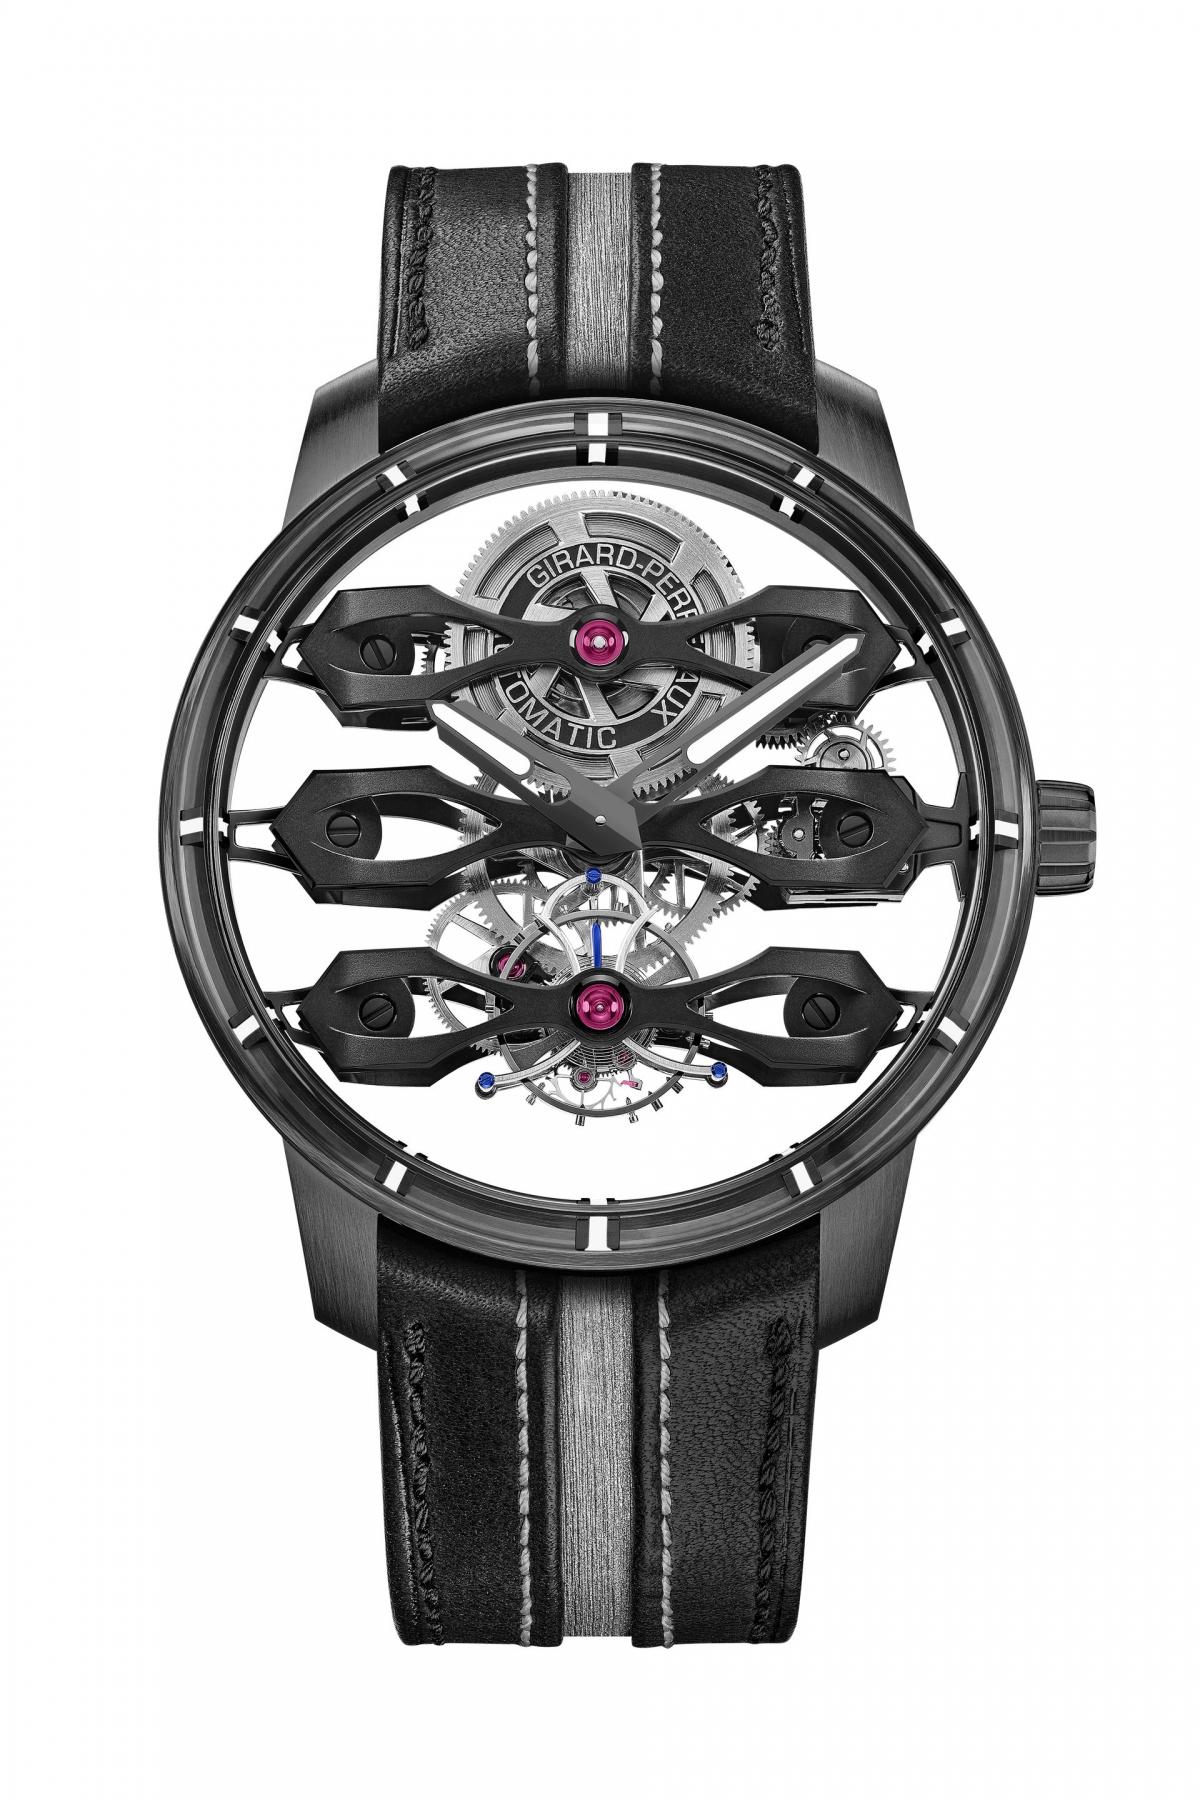 """""""Thử thách lớn nhất mà chúng tôi phải đối mặt khi thiết kế chiếc đồng hồ mới này là quy mô, như bạn có thể tưởng tượng"""" - Phó Chủ tịch điều hành Aston Martin kiêm Giám đốc sáng tạo Marek Reichman nói thêm."""